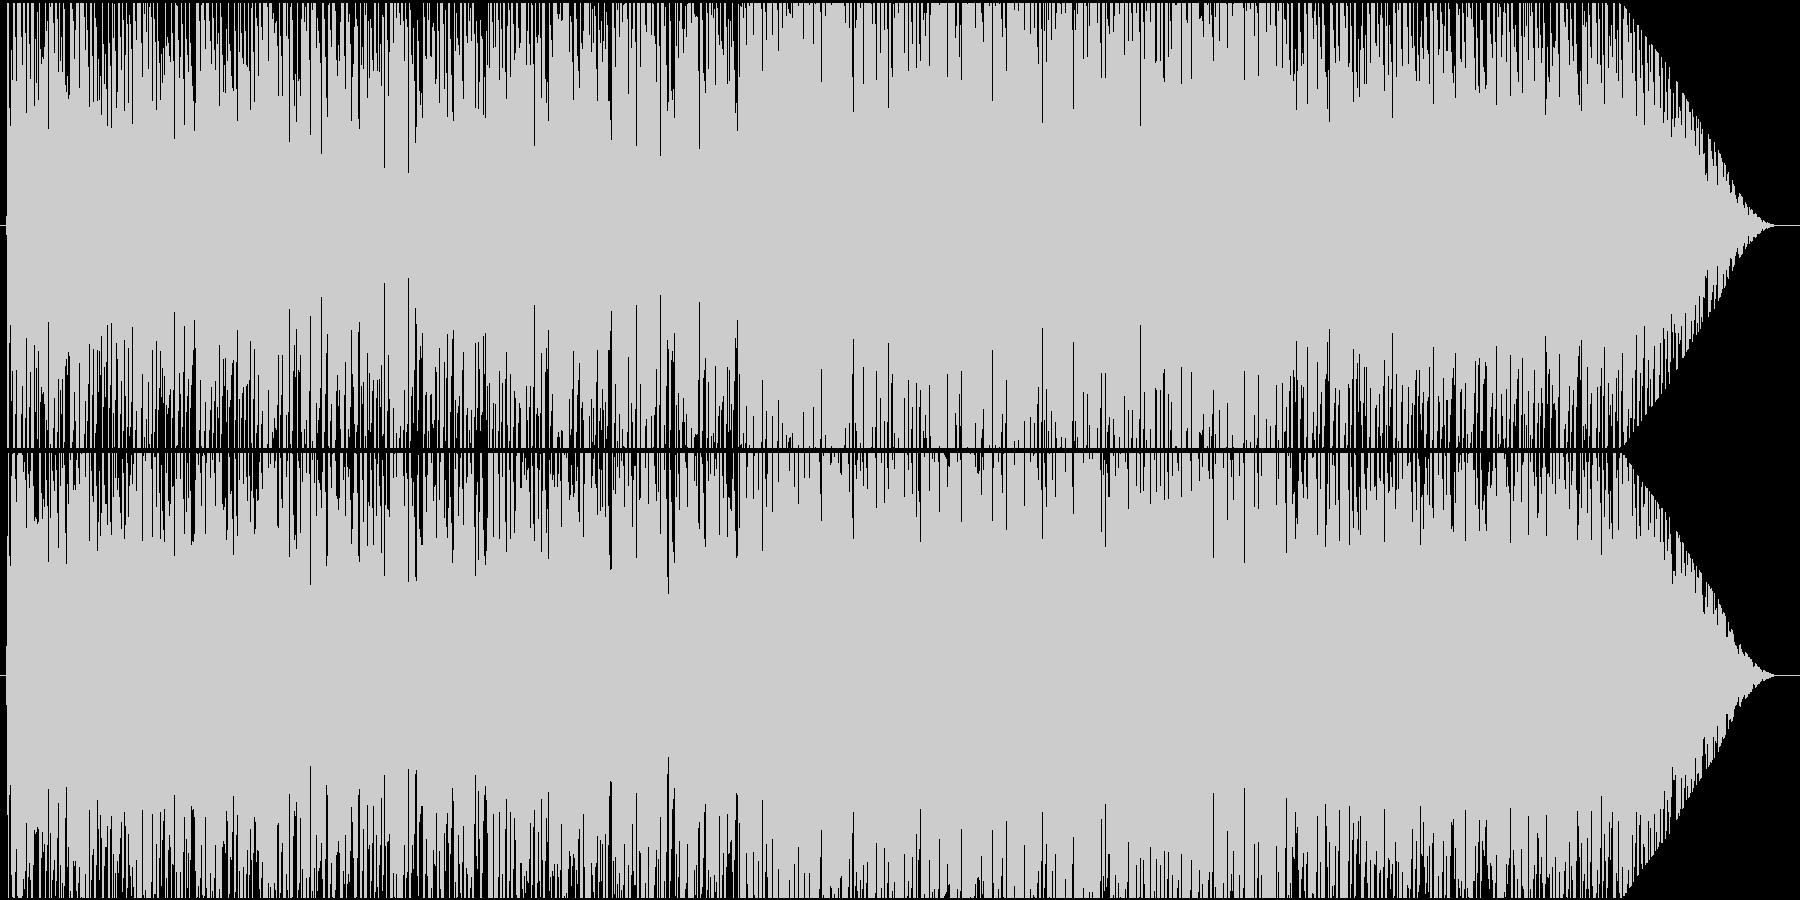 話すように歌う歌詞、キャッチーな歌物の未再生の波形